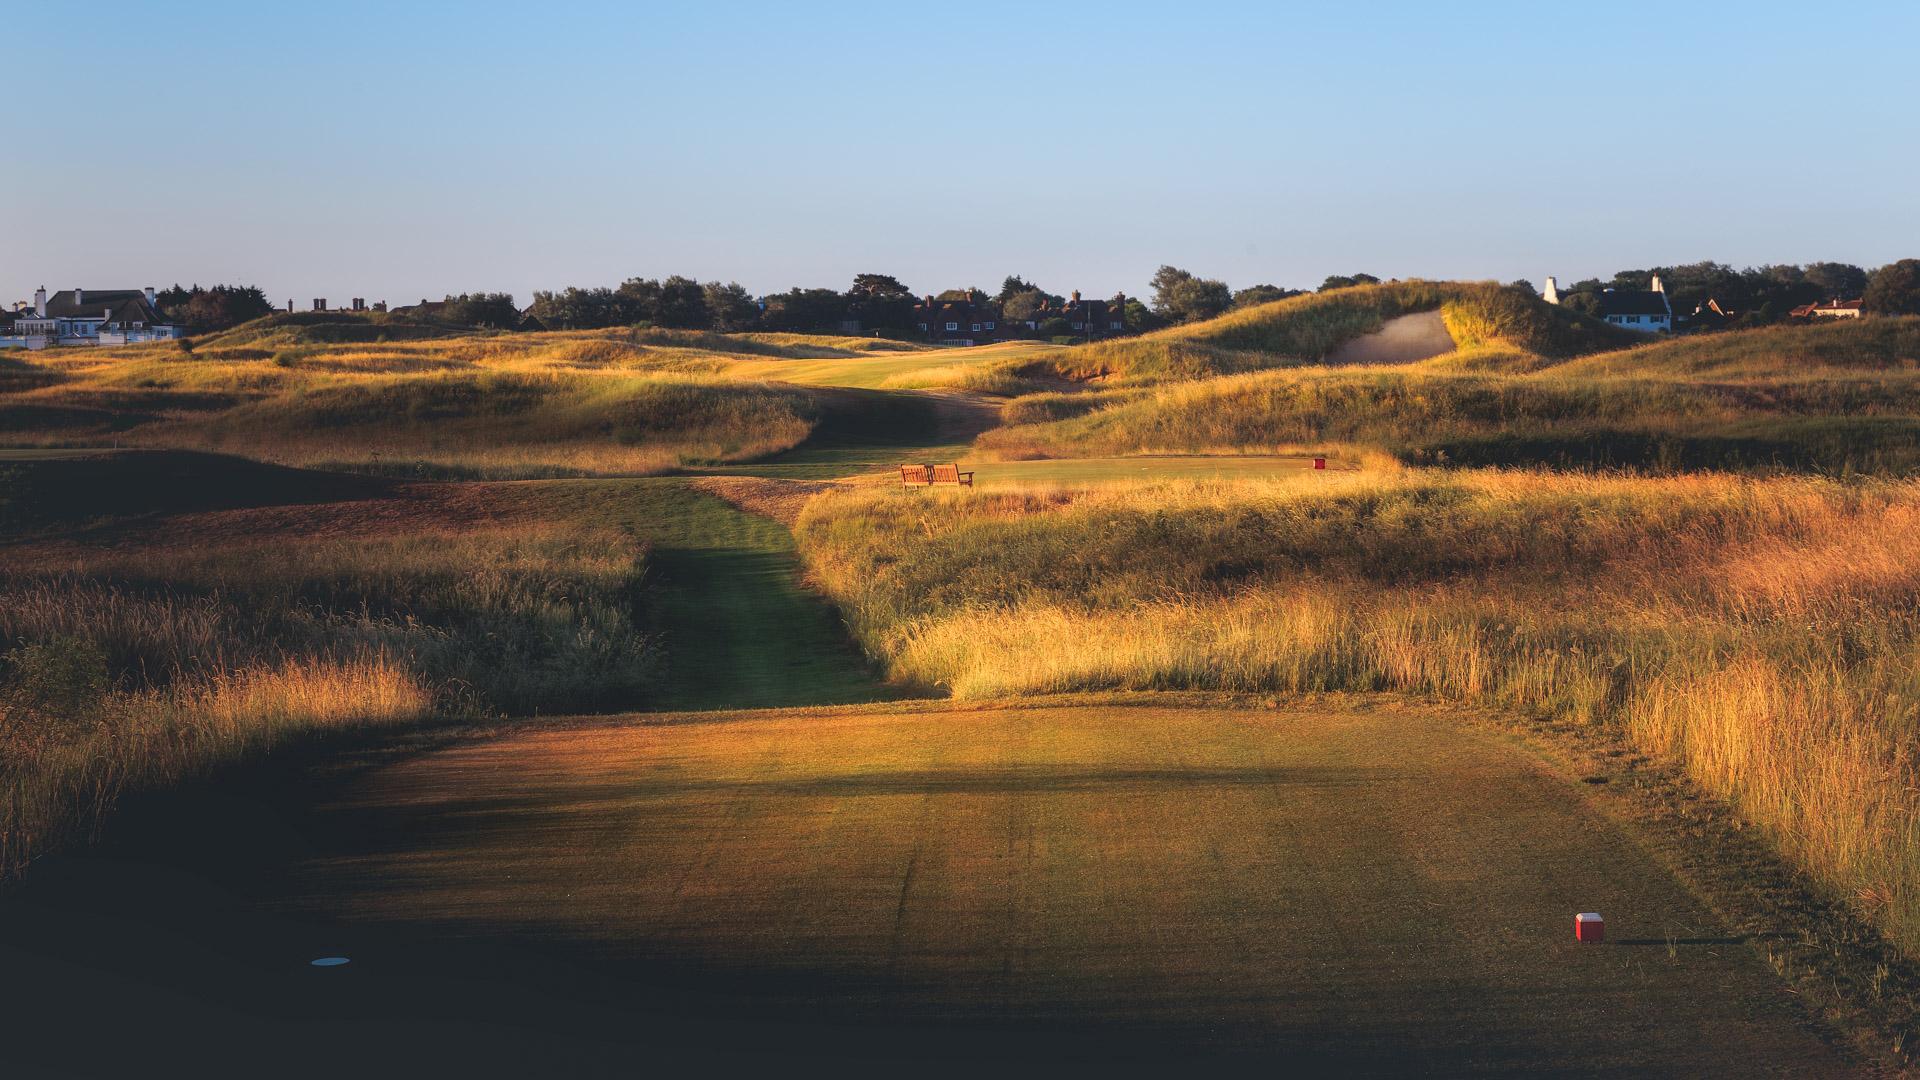 04th-Hole-Royal-St-Georges-Golf-Club0027-Edit-2-2